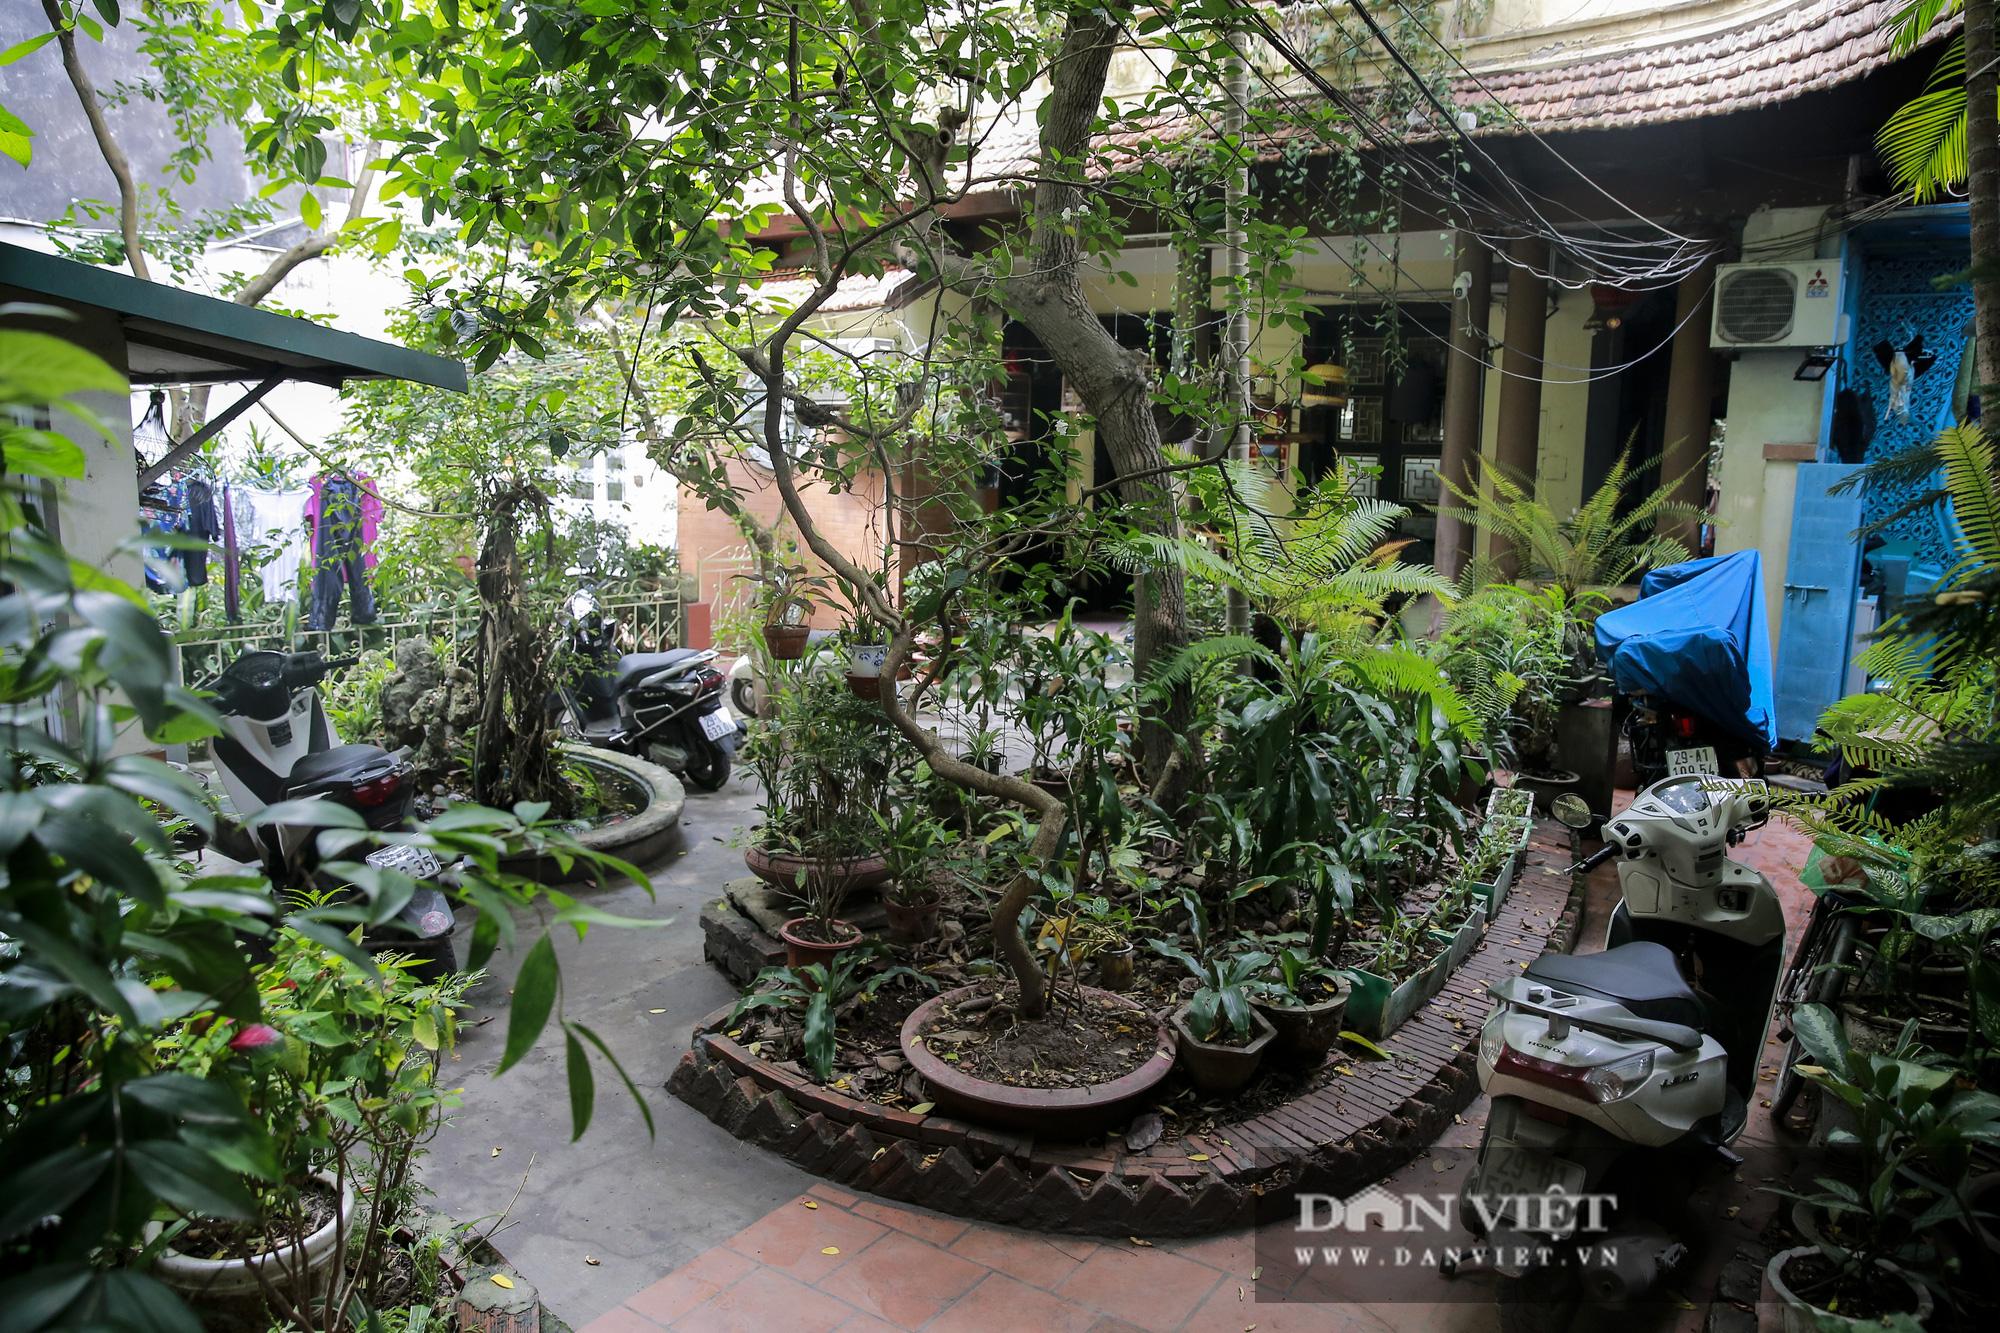 Khám phá ngôi nhà vườn xuyên phố duy nhất ở phố cổ Hà Nội - Ảnh 2.